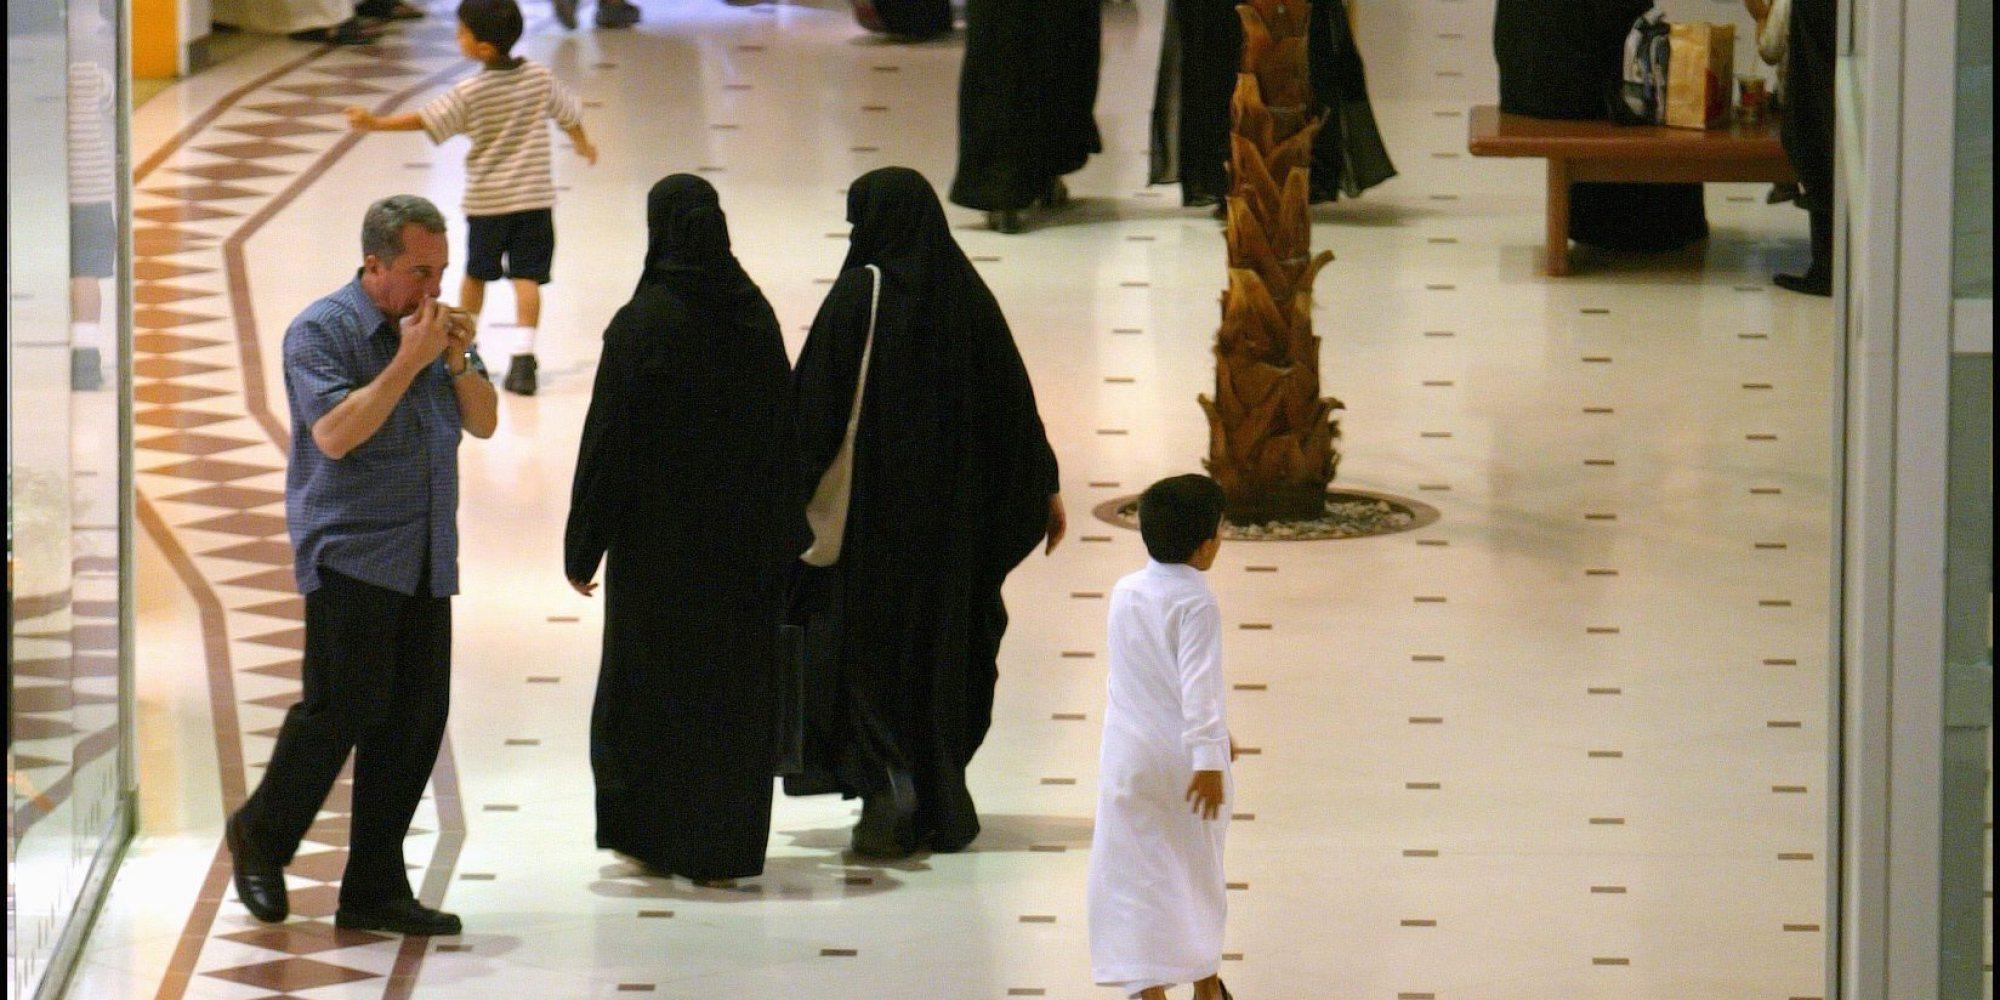 هل صارت أيامها معدودة؟.. هكذا تسعى السعودية إلى كبح جماح  الأمر بالمعروف والنهي عن المنكر